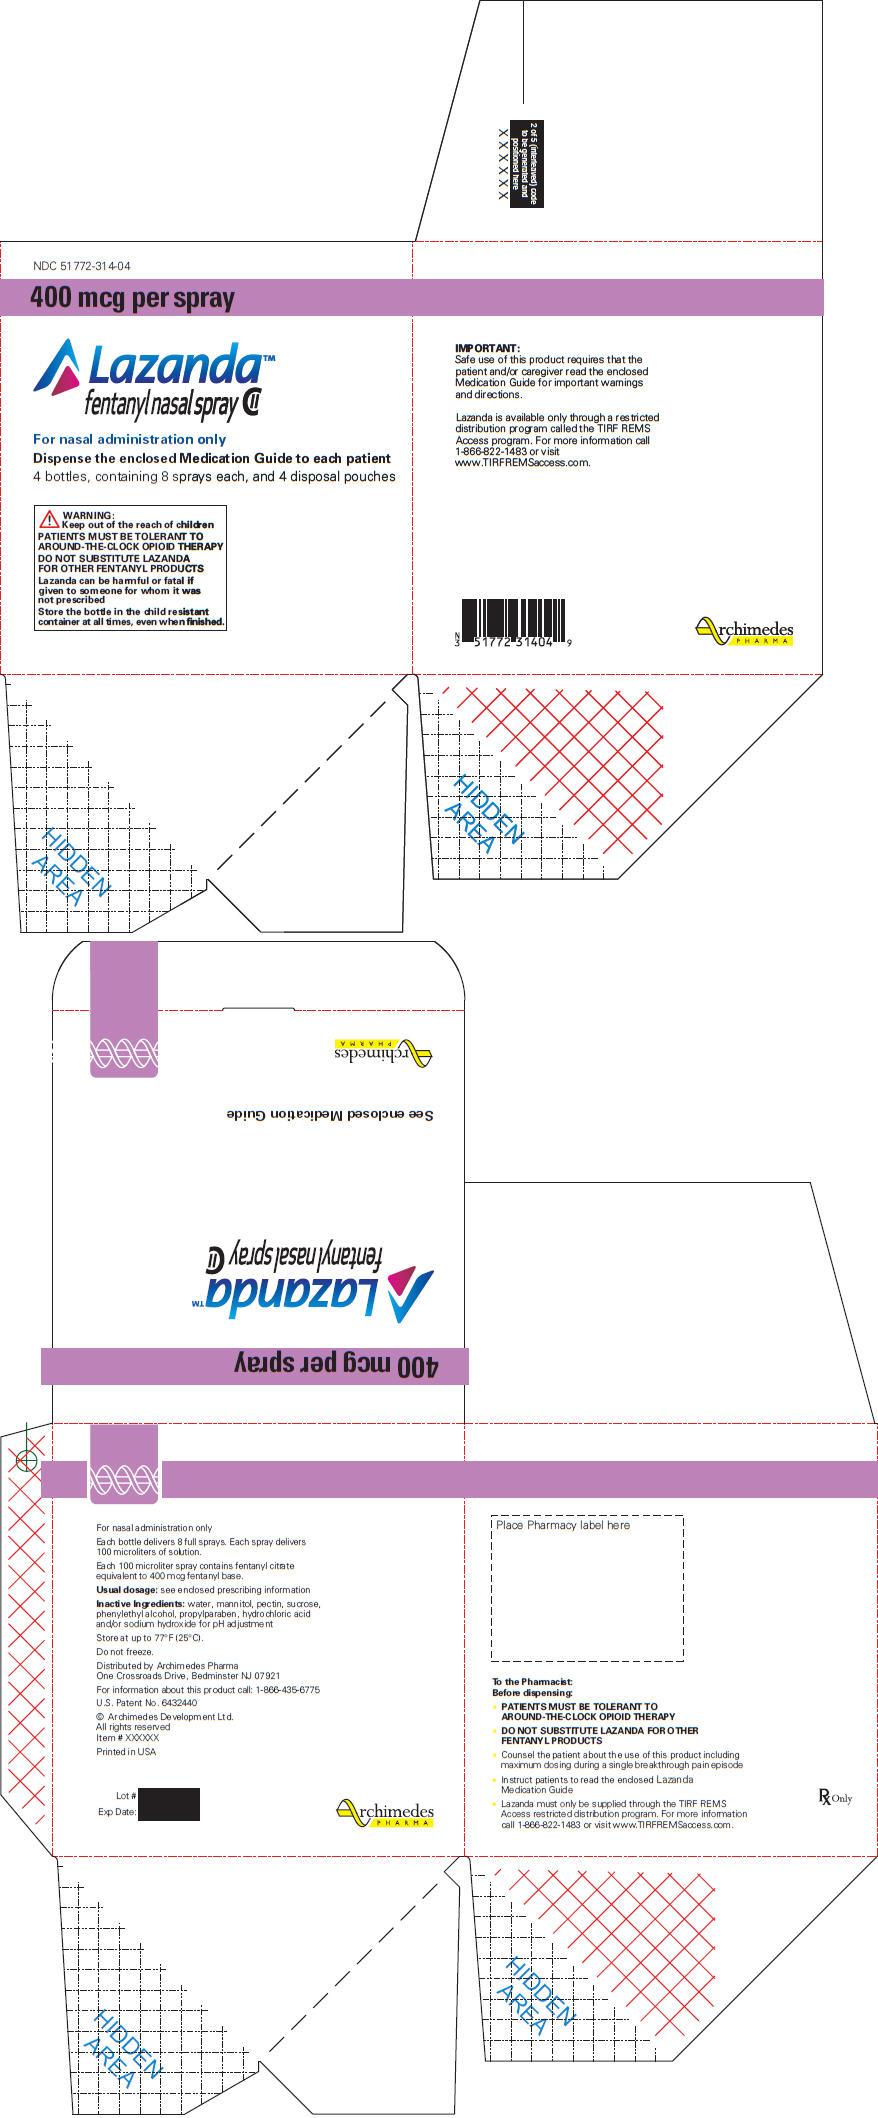 PRINCIPAL DISPLAY PANEL - 400 mcg Carton